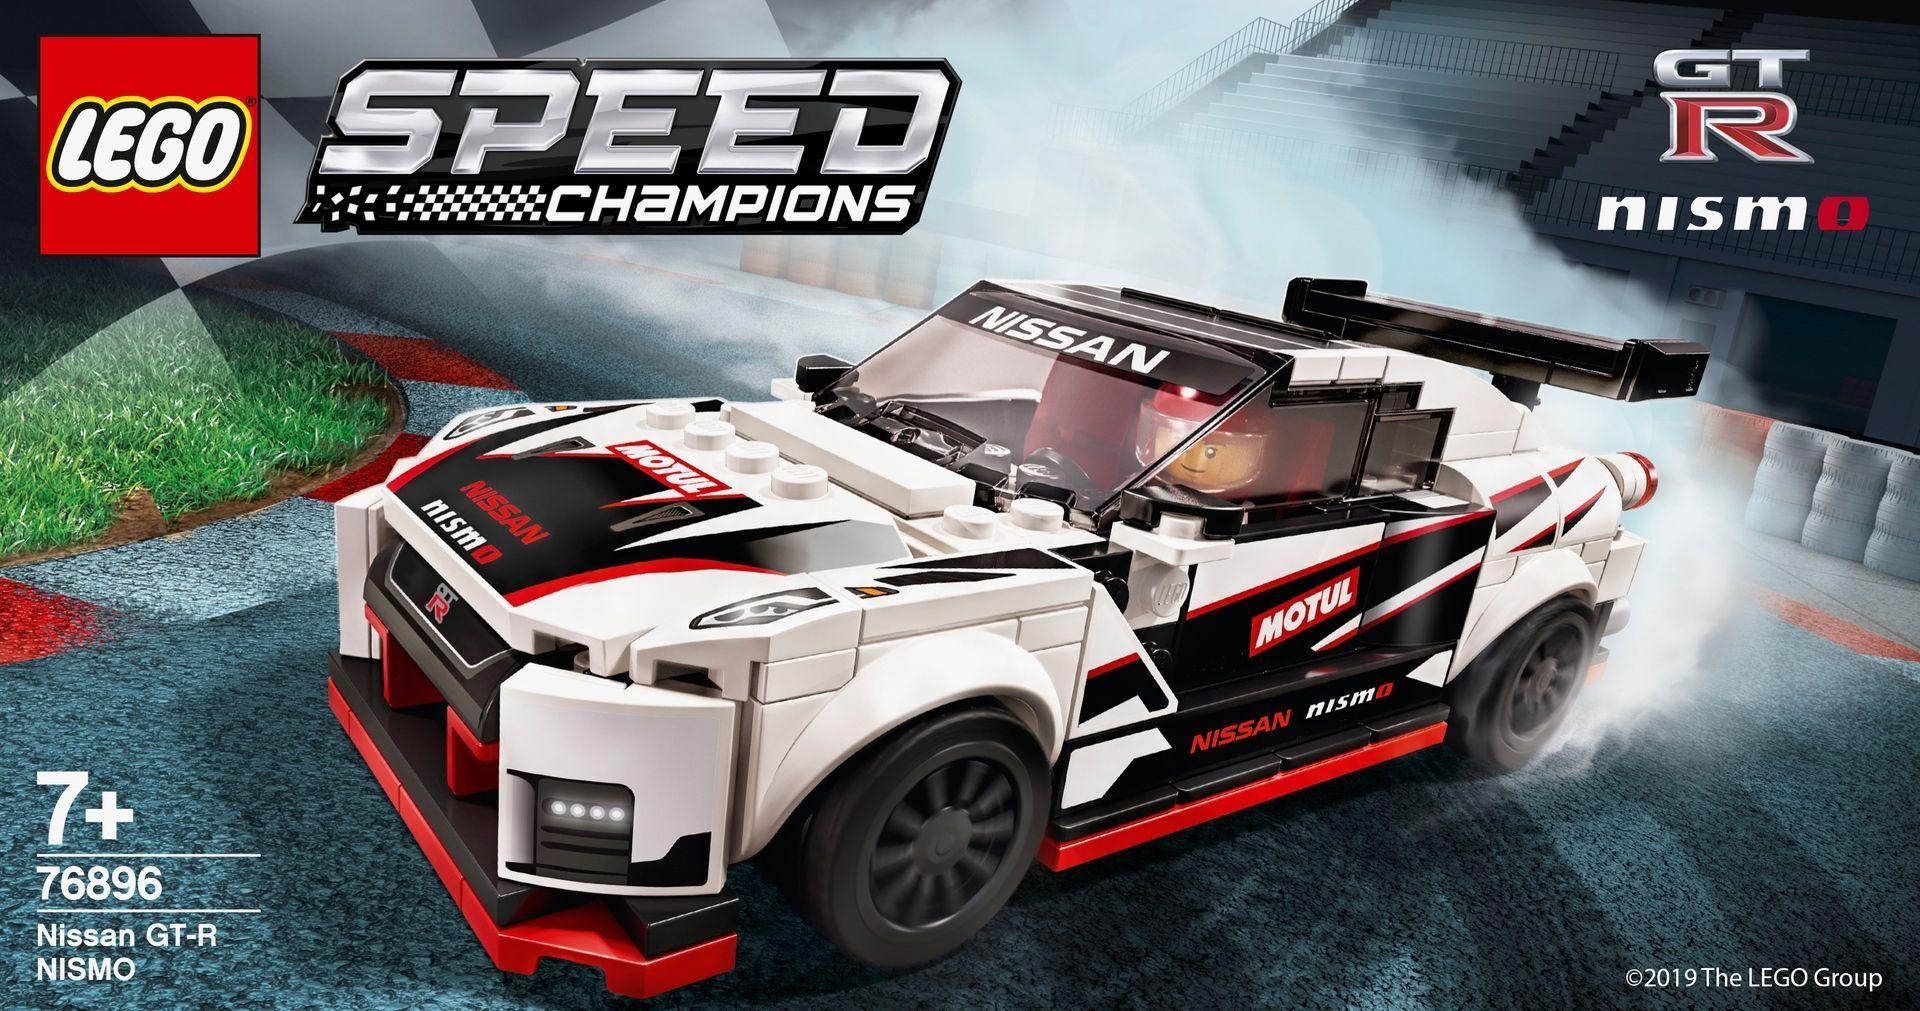 Nissan_GT-R_Nismo_Lego_0014